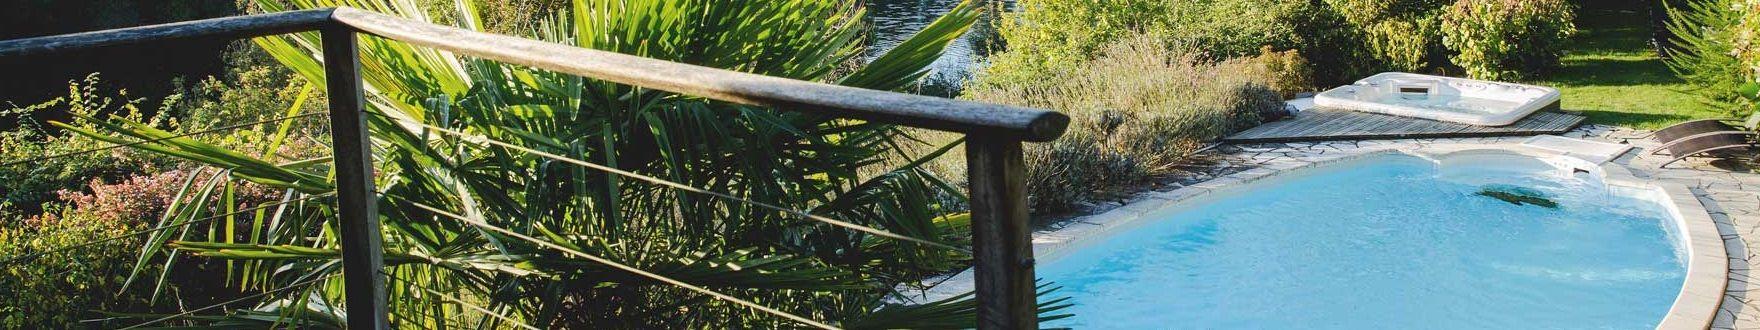 chambres d'hôtes avec piscine en Maine-et-Loire